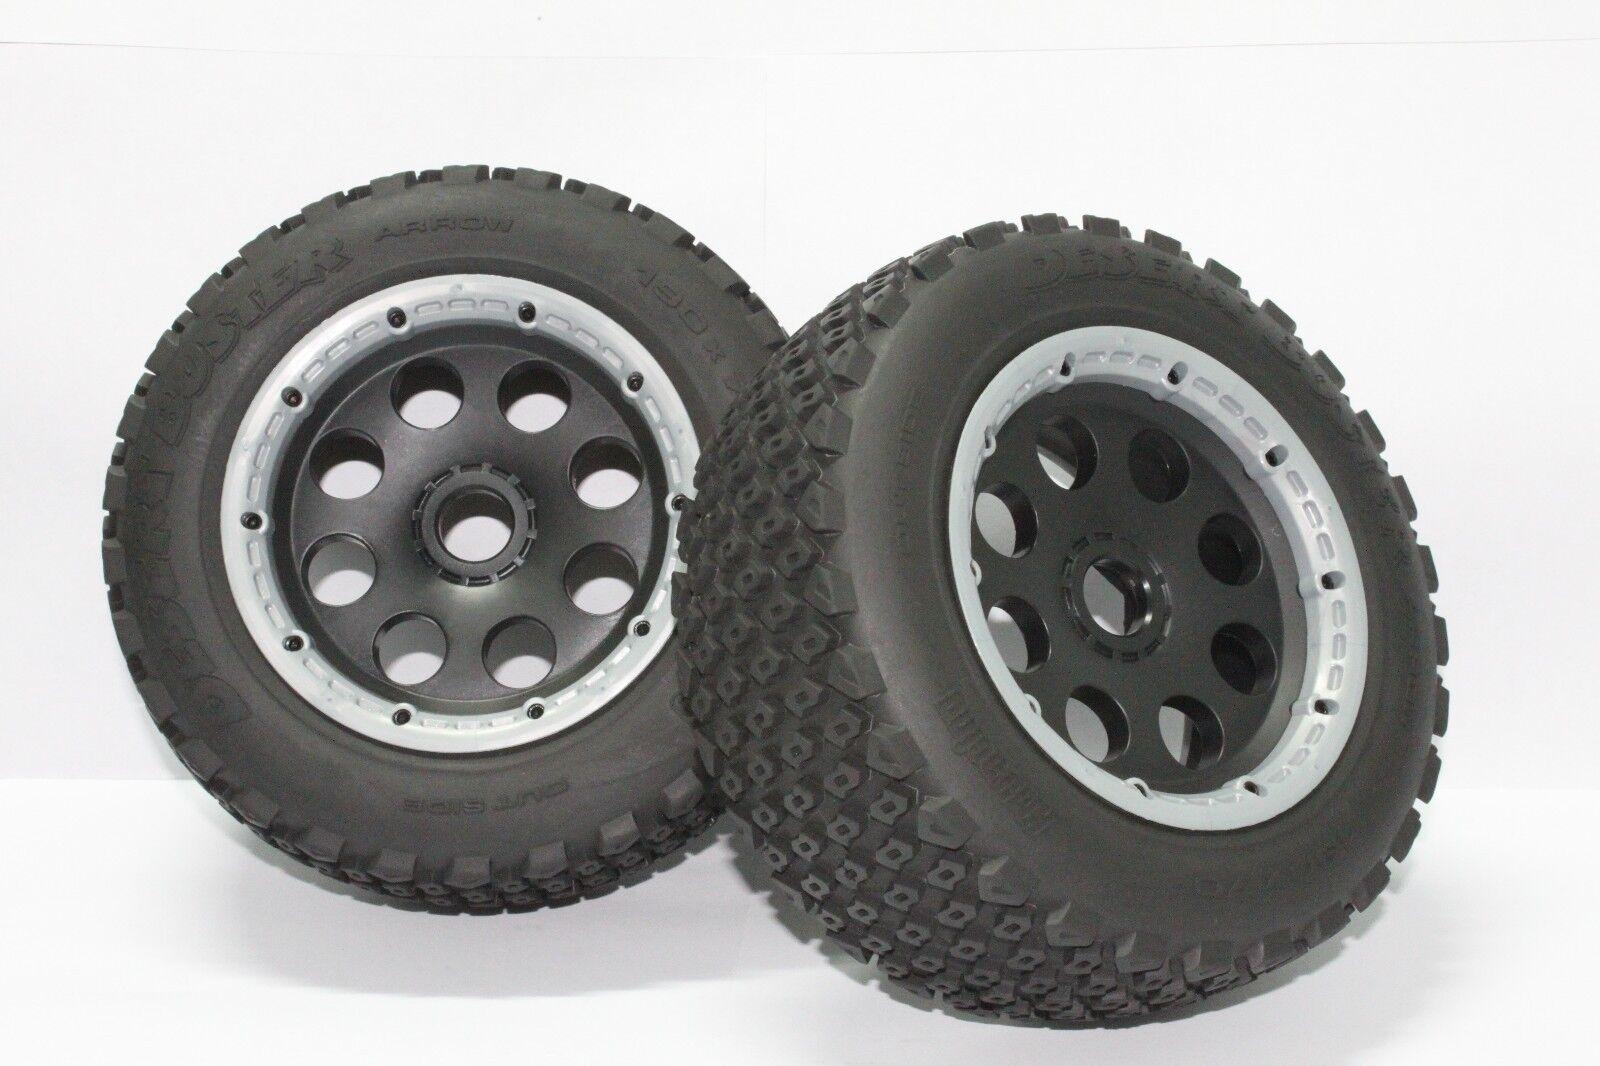 Juego de ruedas 5T Trasero fuera de carretera para 1 5 HPI Rovan KM Baja 5T piezas